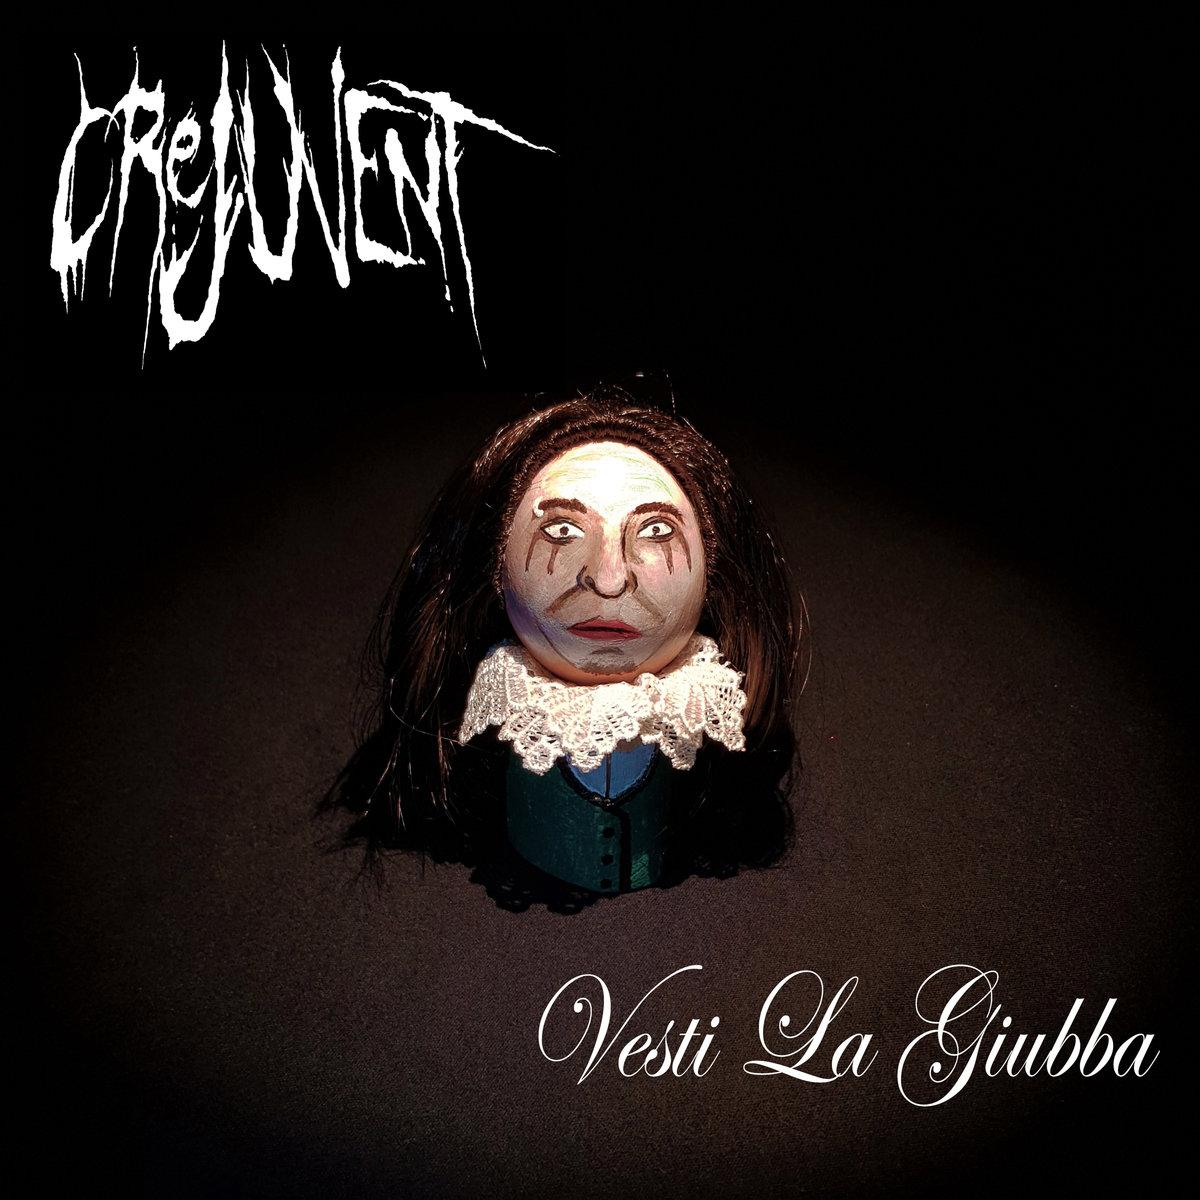 Album review: Crejuvent -Vesti LaGiubba